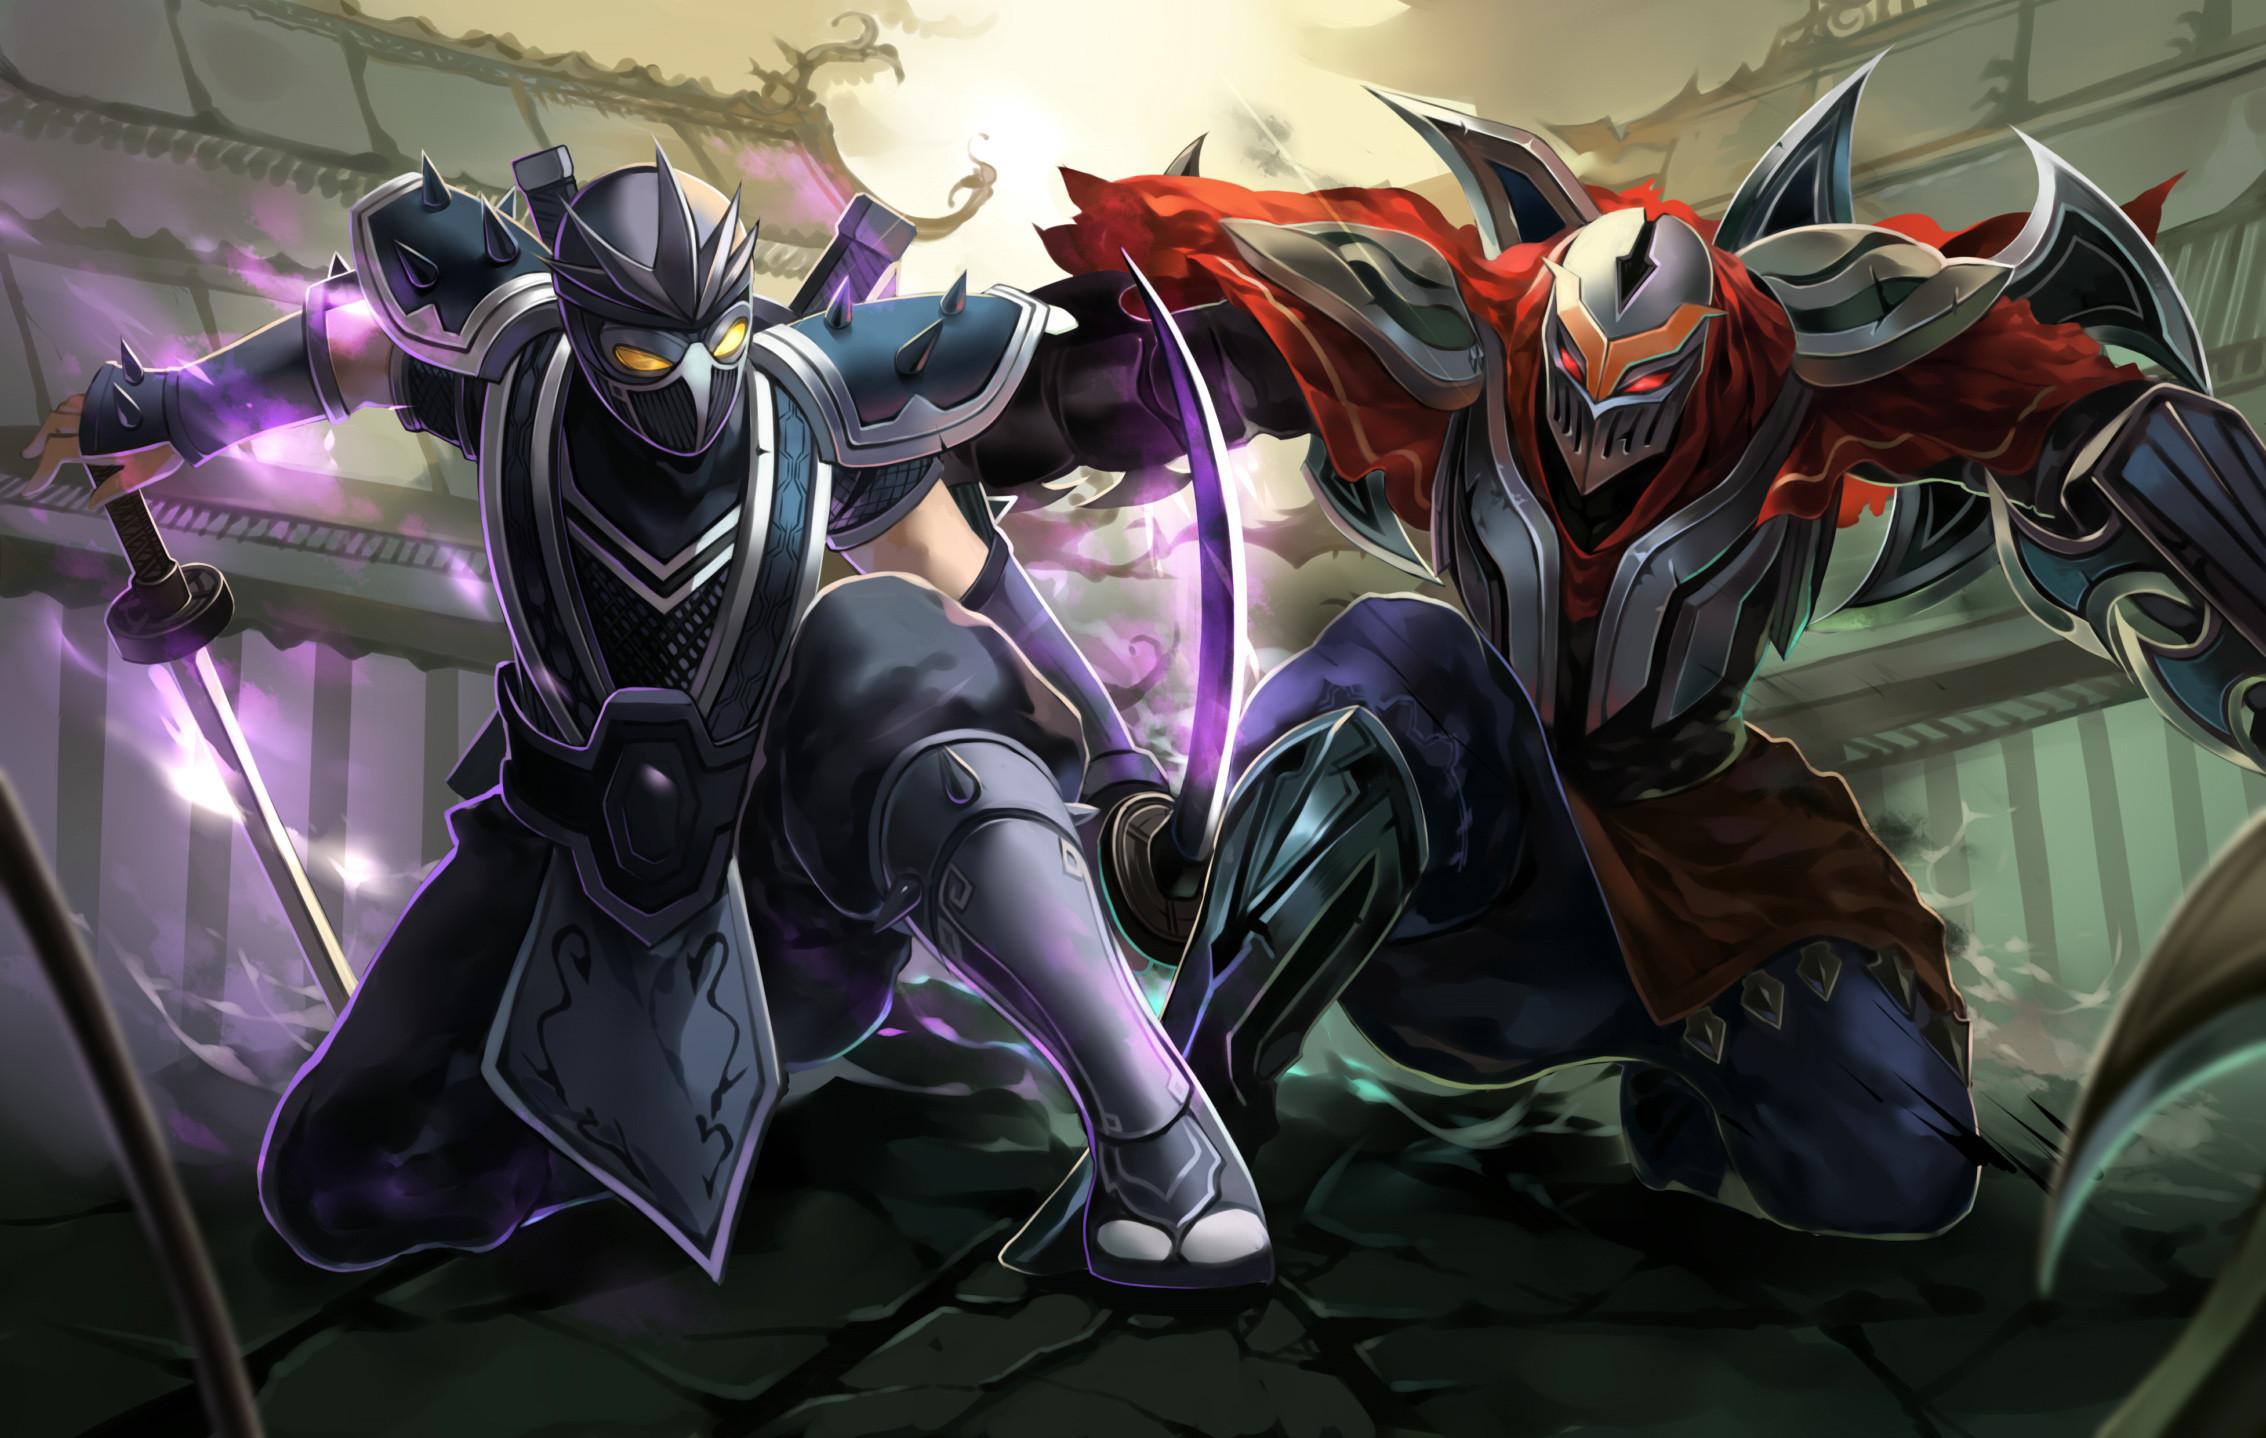 Res: 2266x1438, Zed & Shen by citemer HD Wallpaper Fan Art Artwork League of Legends lol